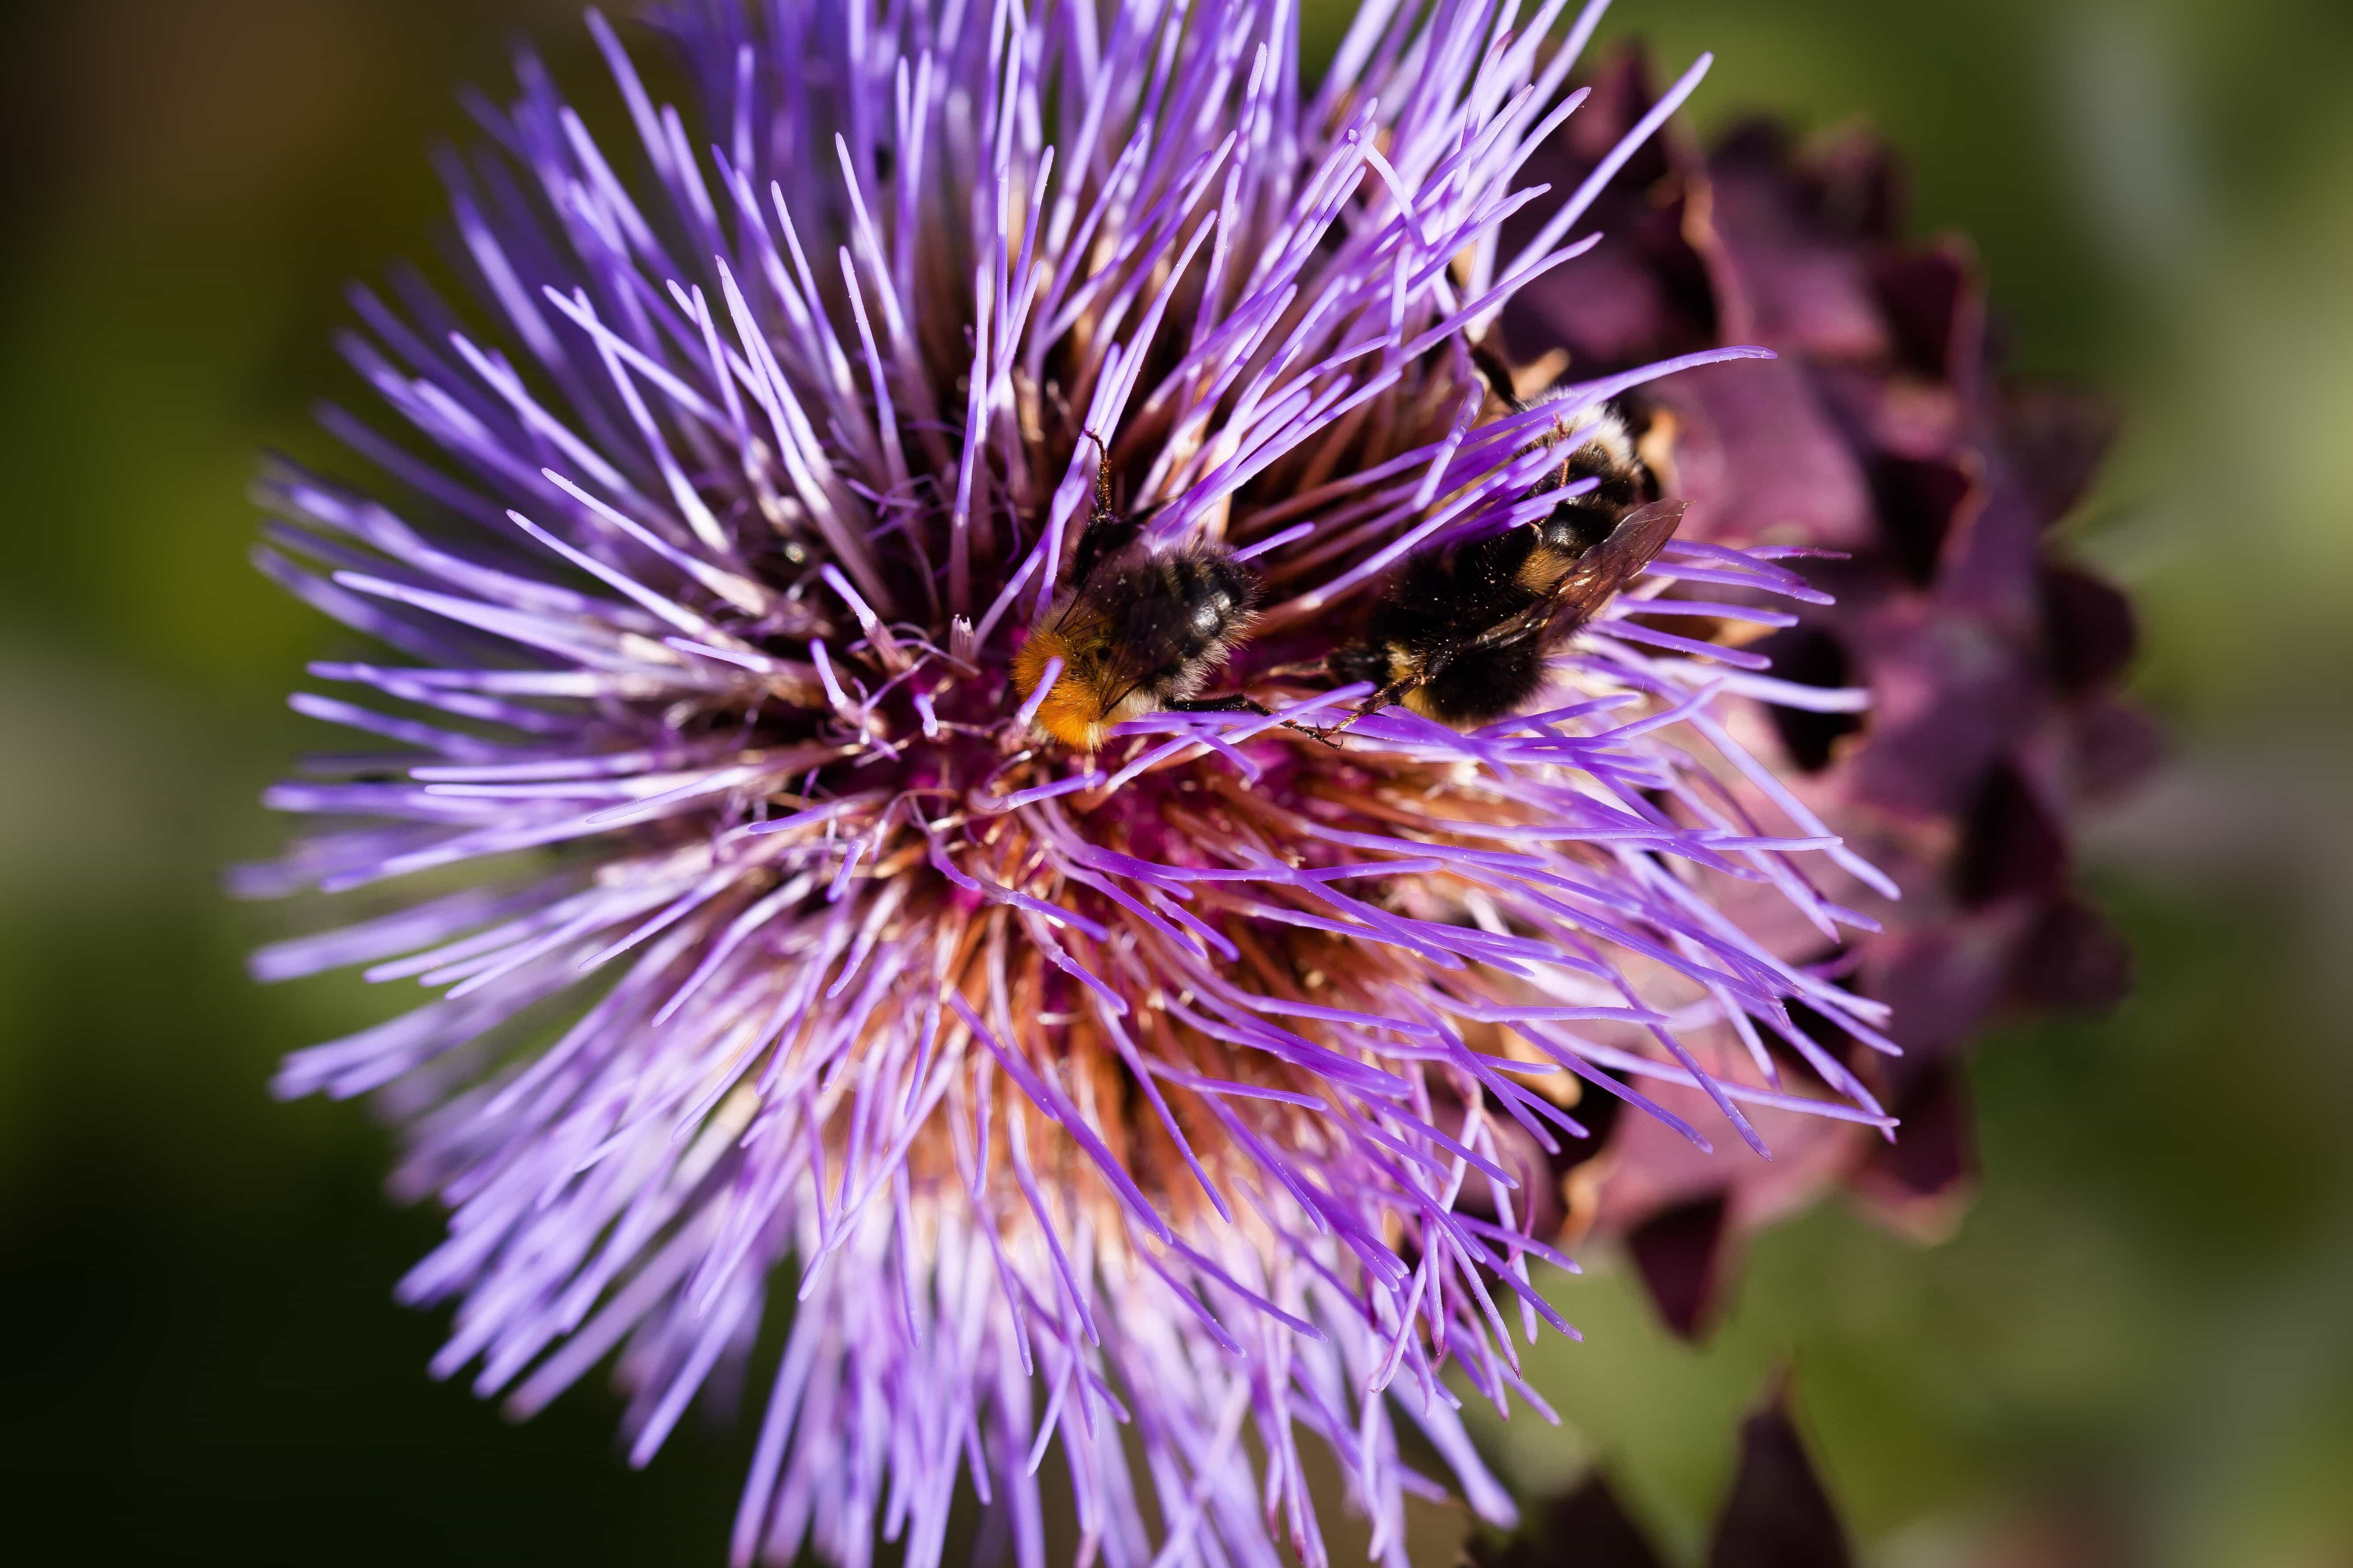 purple flower, nature, garden, daylight, day, herb, plant